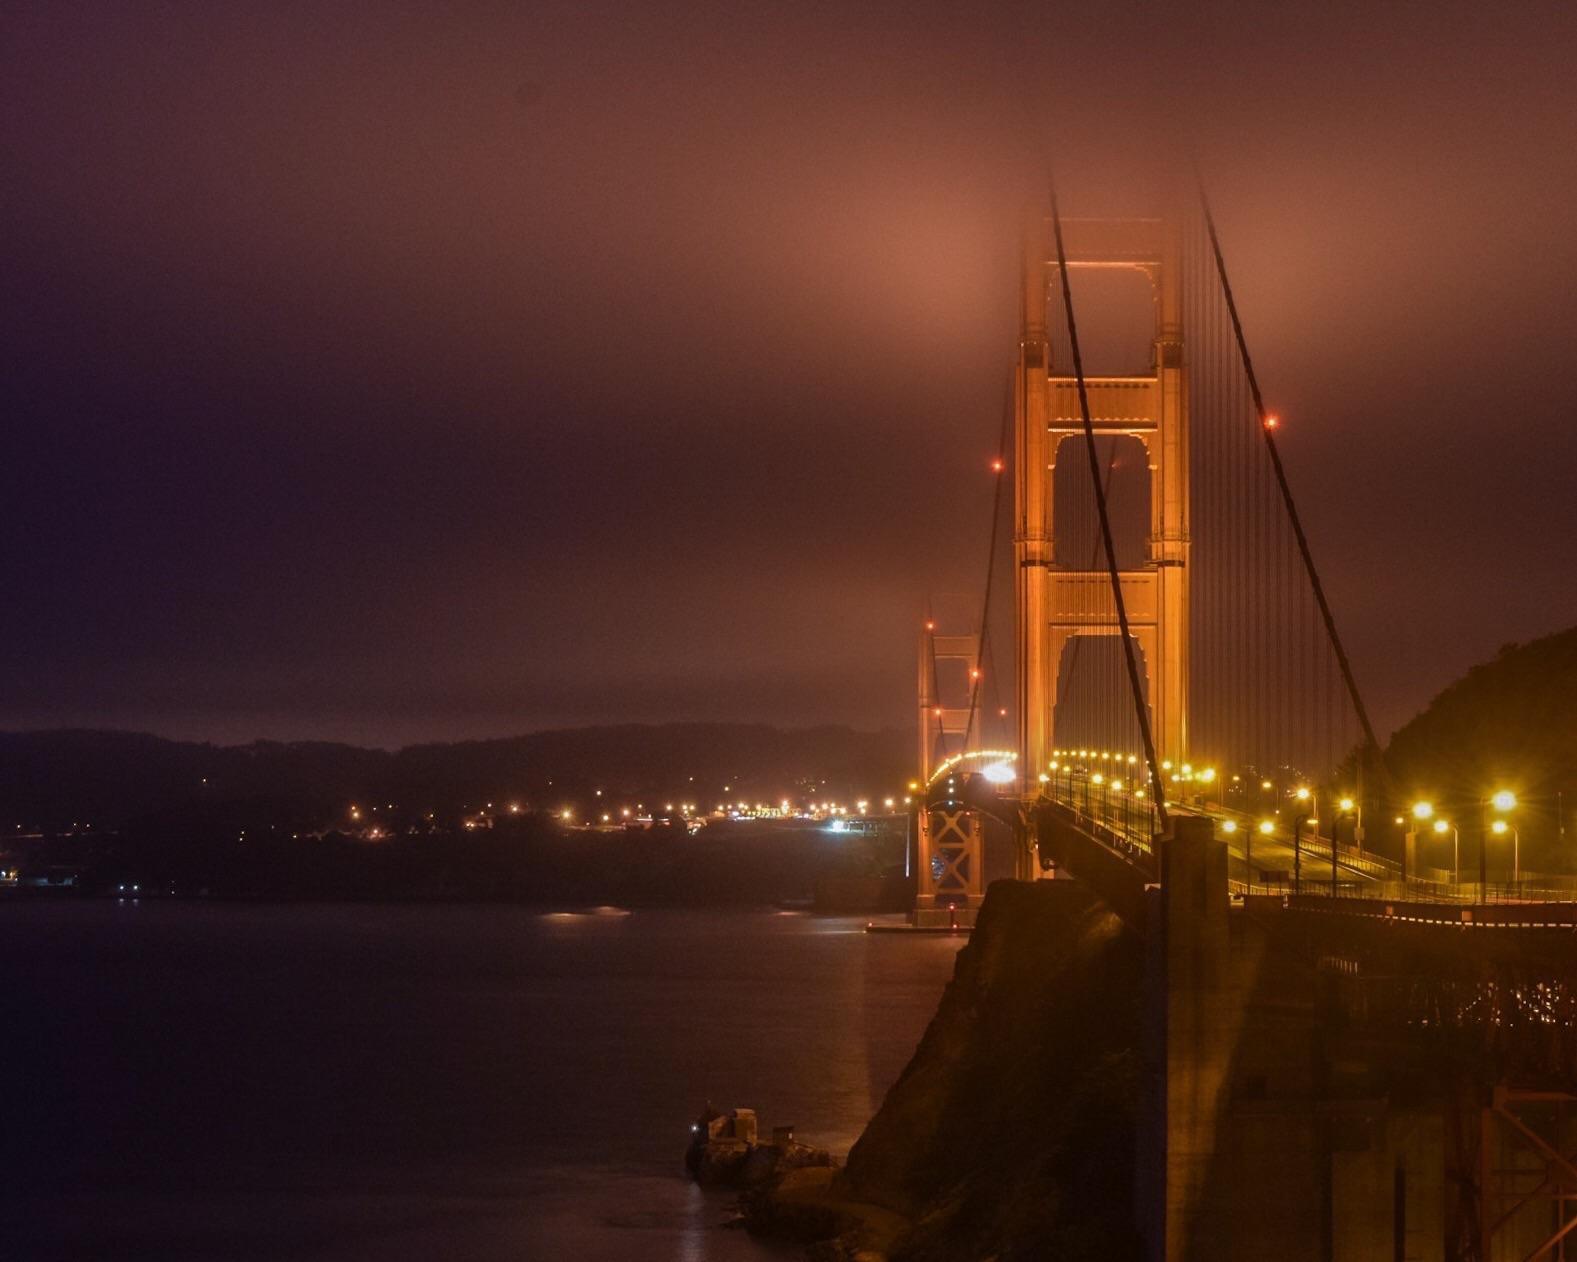 San Francisco - Fog rolls in